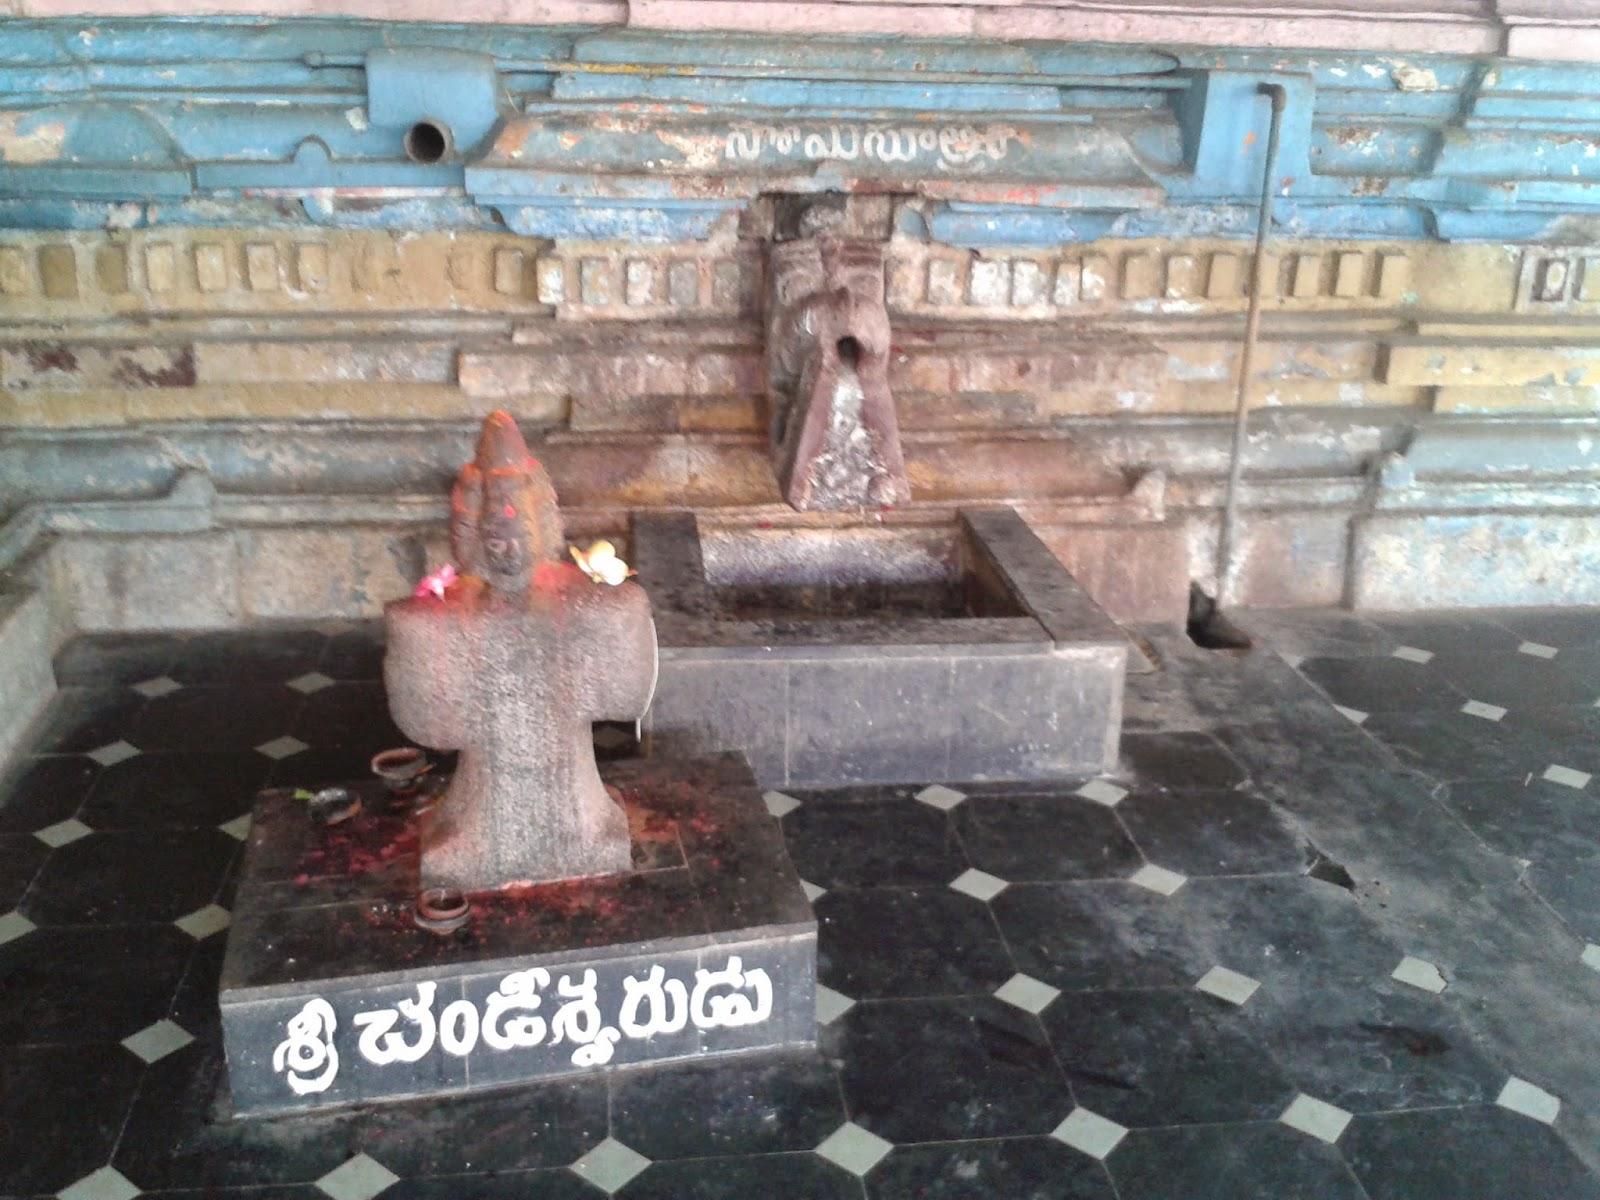 Somasutram-Chandeeswara-సోమసూత్రం-చండీశ్వరులు-శివాలయ-ప్రదక్షిణా-విధానం